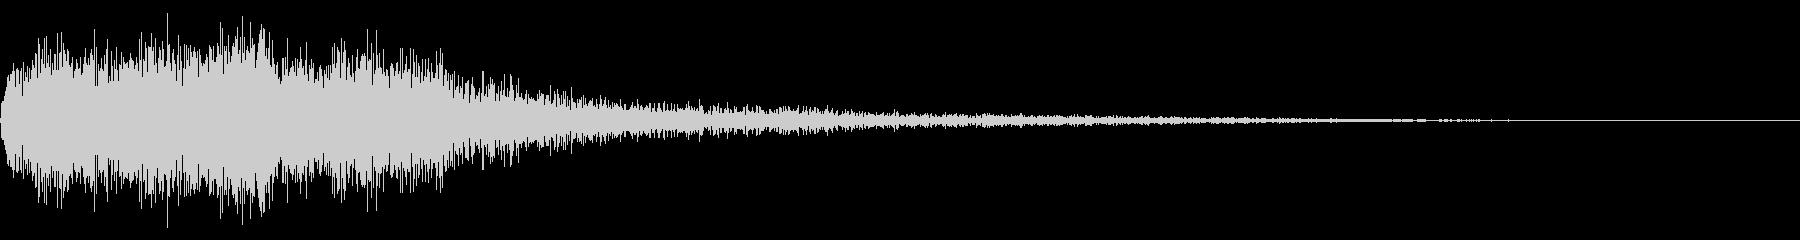 勇ましい場面転換音 CMイン シーン切替の未再生の波形